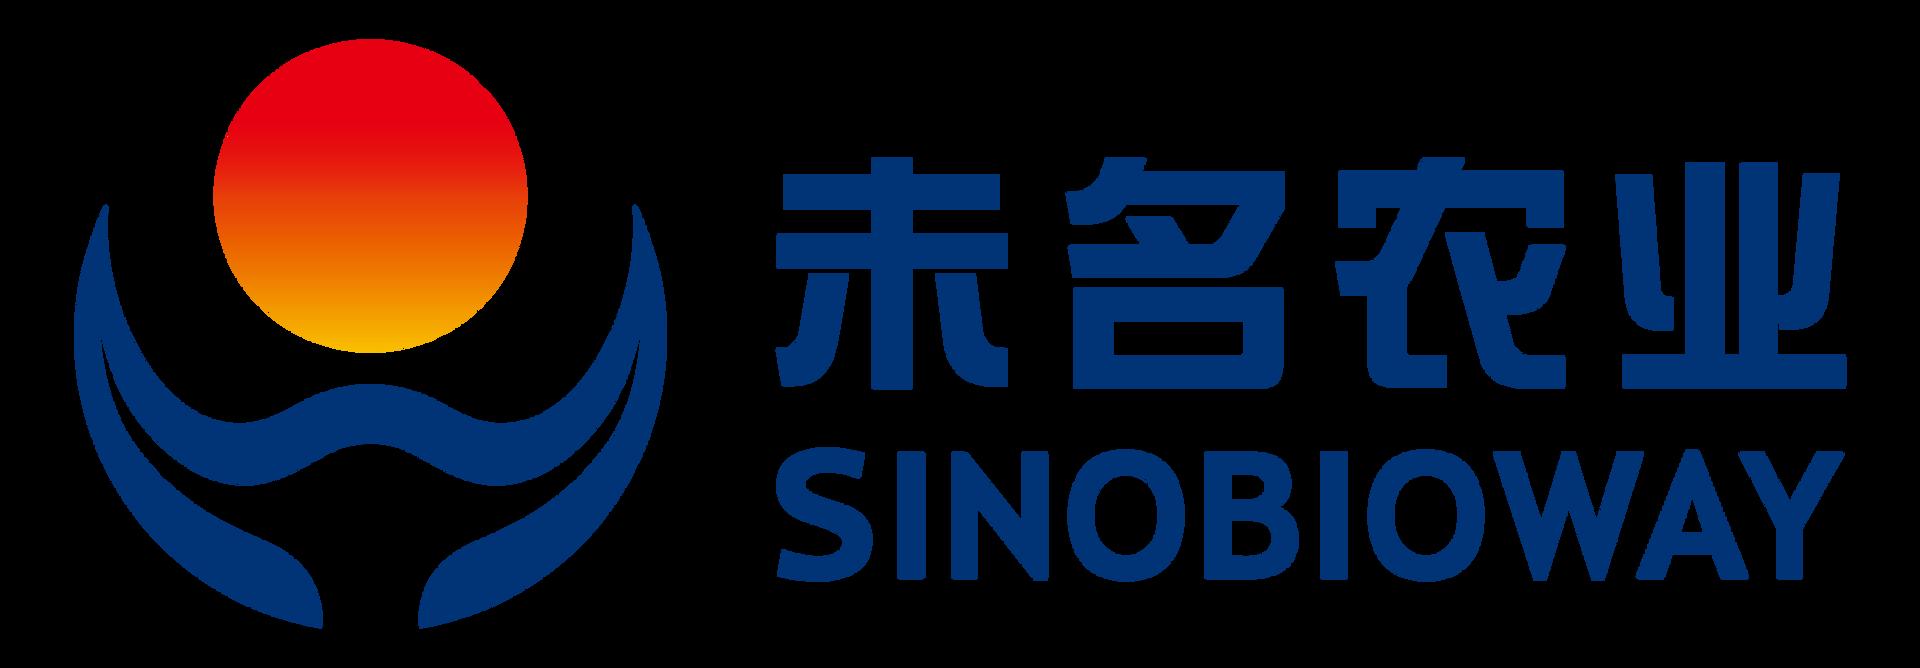 Sinobioway-Logo.png